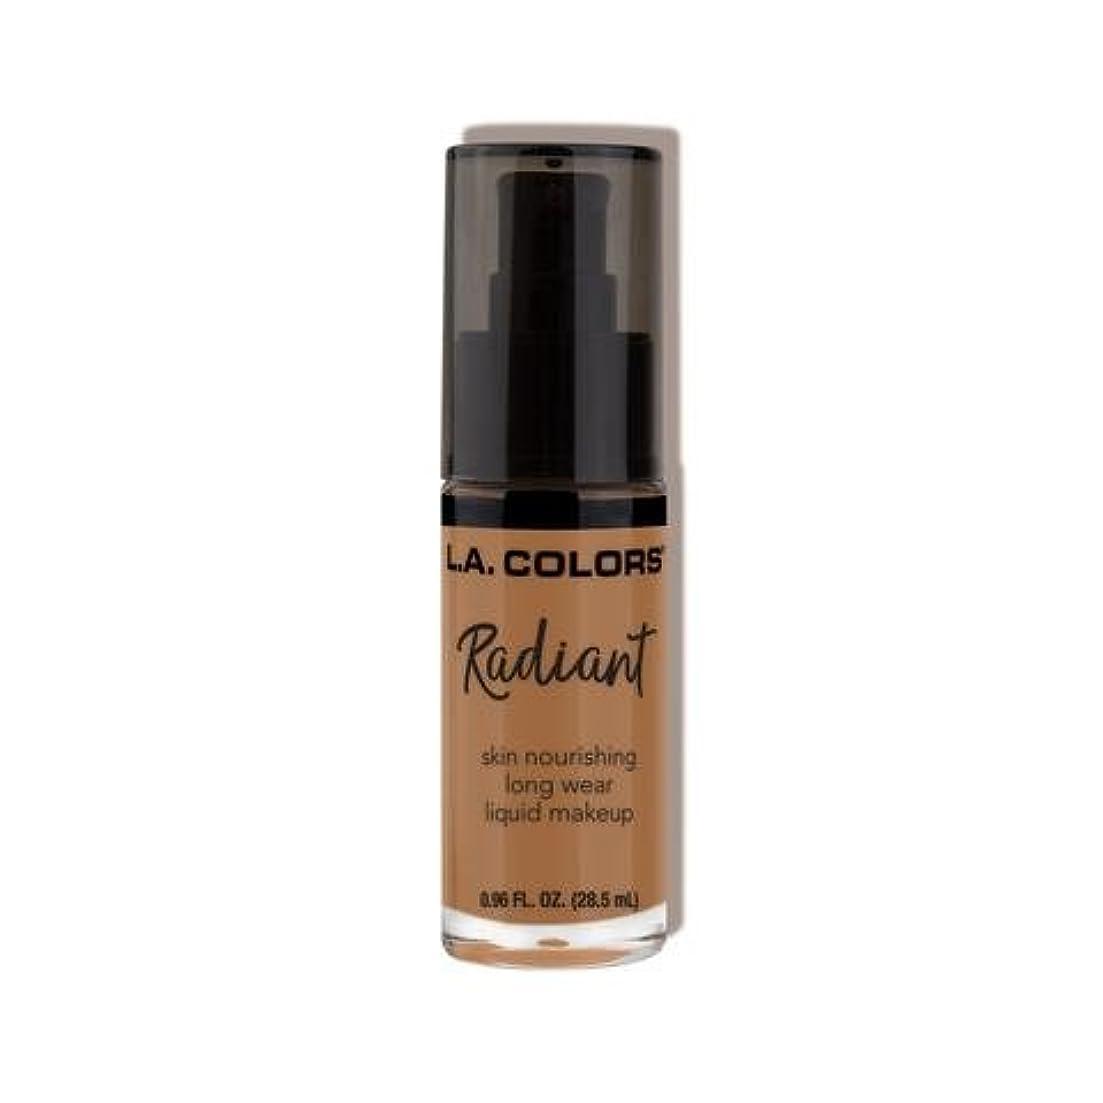 アデレード知人本土(6 Pack) L.A. COLORS Radiant Liquid Makeup - Chestnut (並行輸入品)